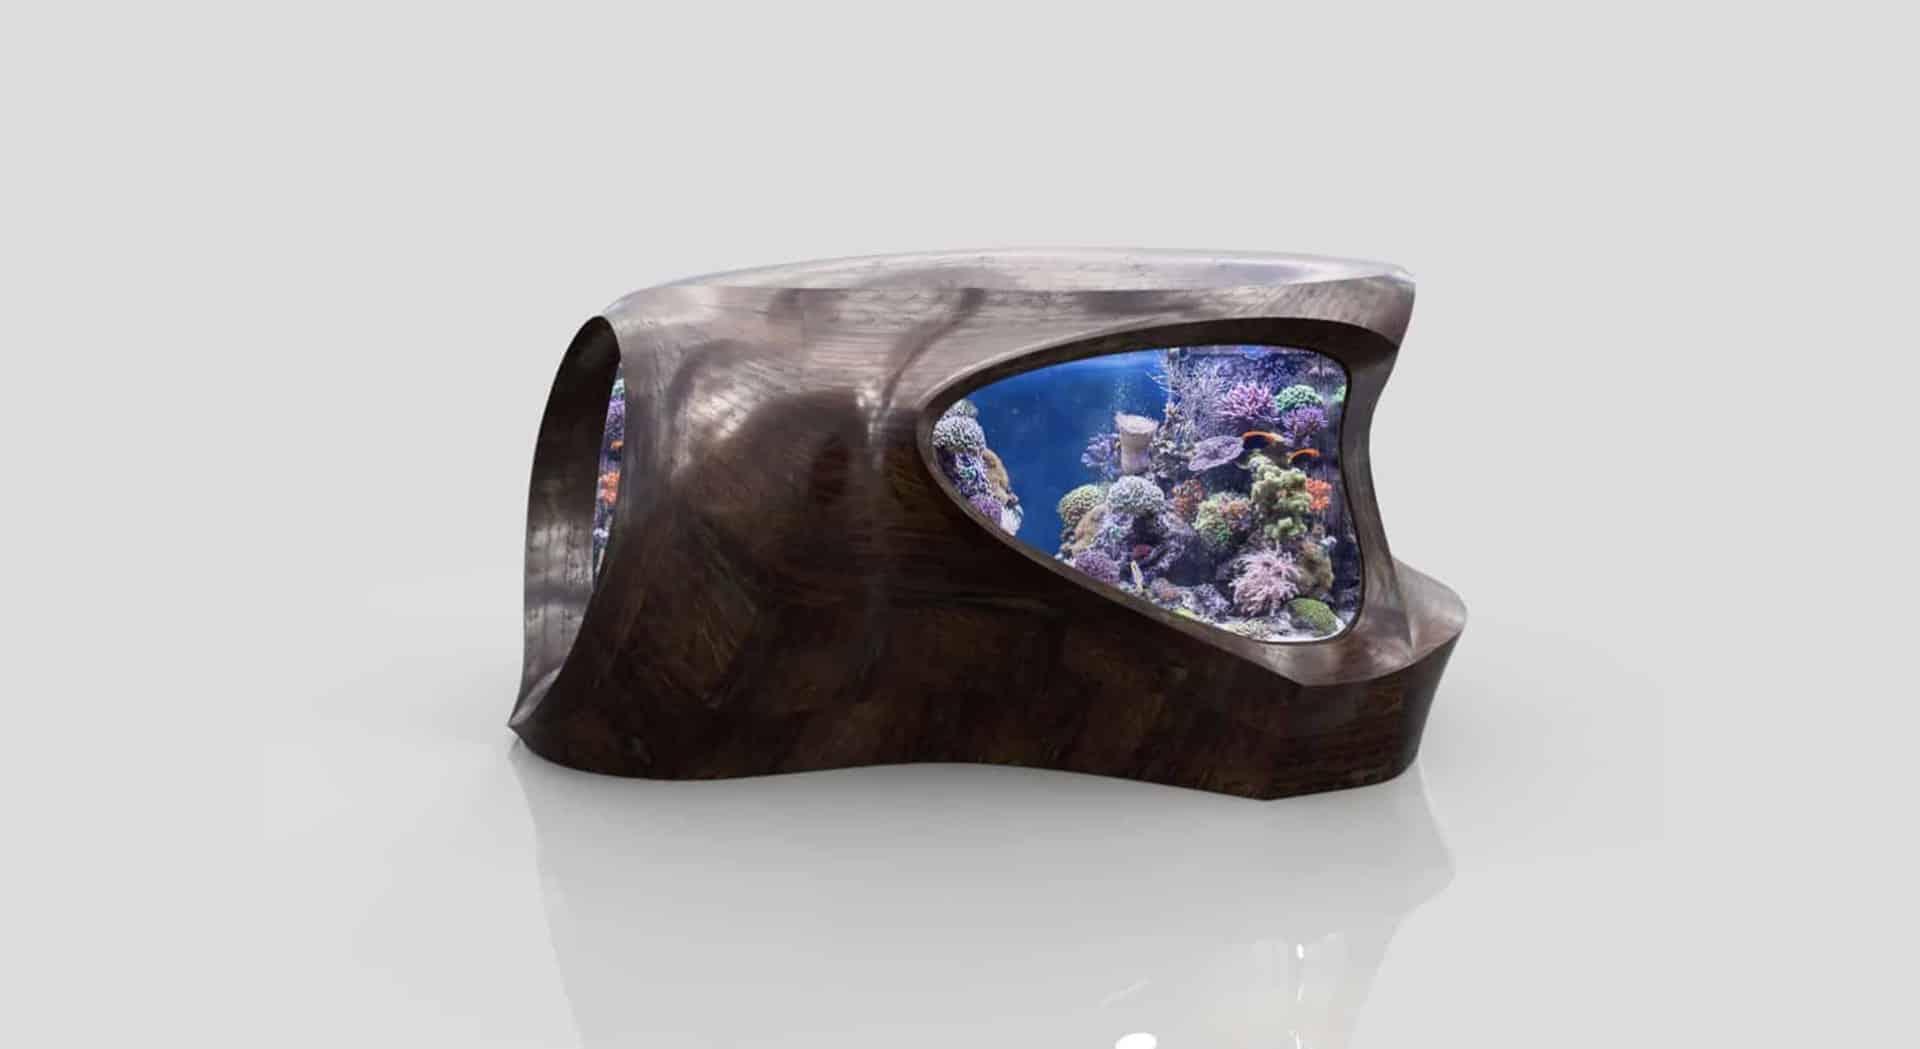 176 Was macht ein Aquarium zu einem Kunstobjekt? (David Nimke) 10